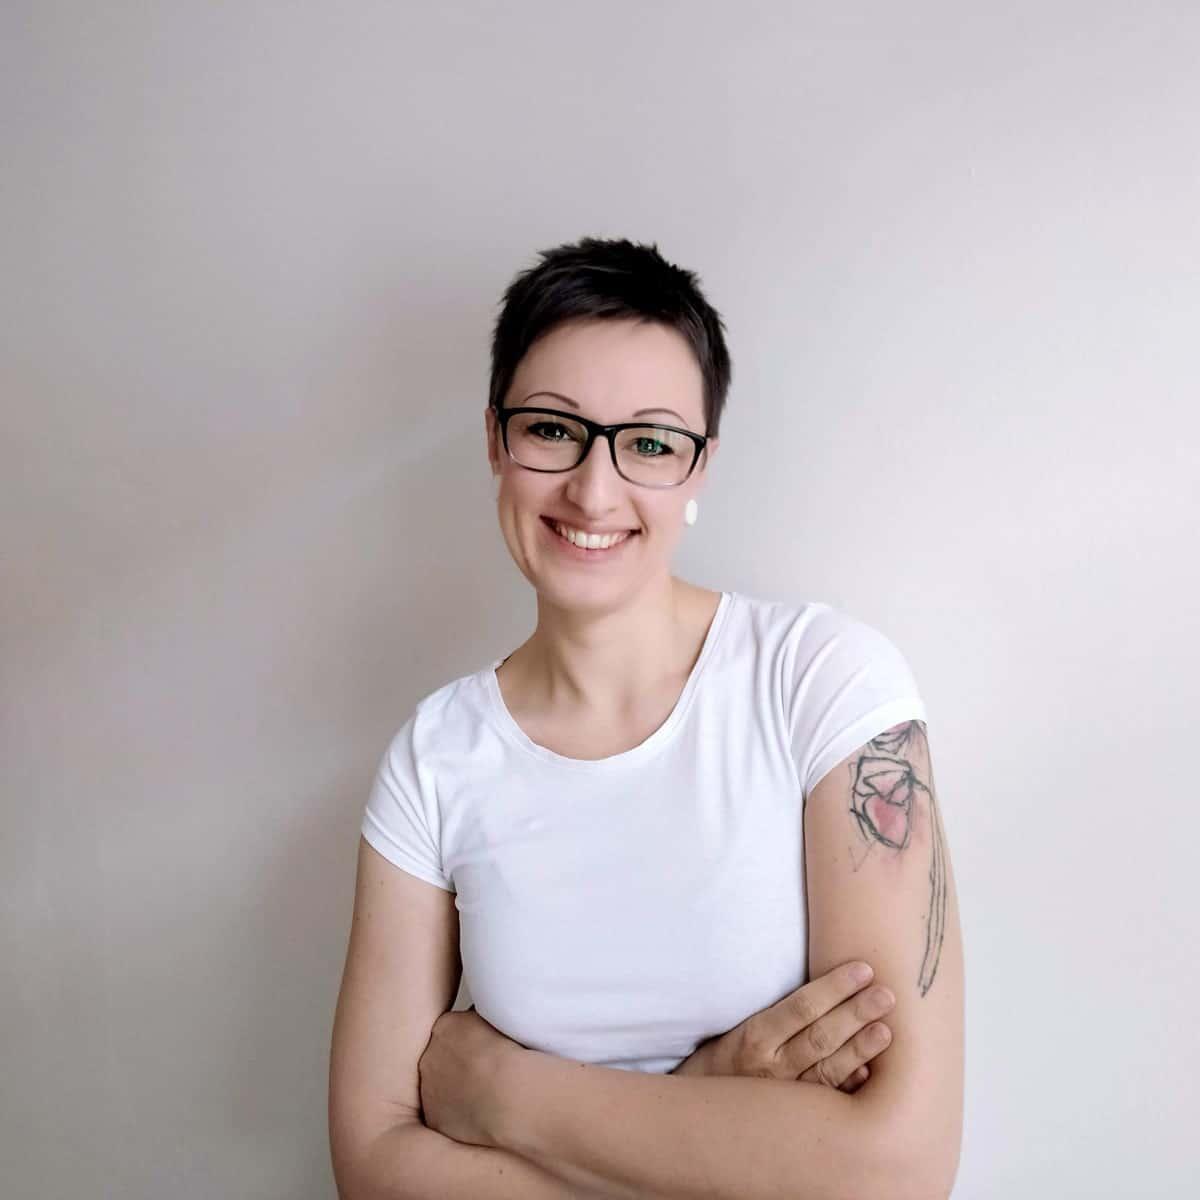 Lena stehend, frontal in die Kamera schauend, lächelnd